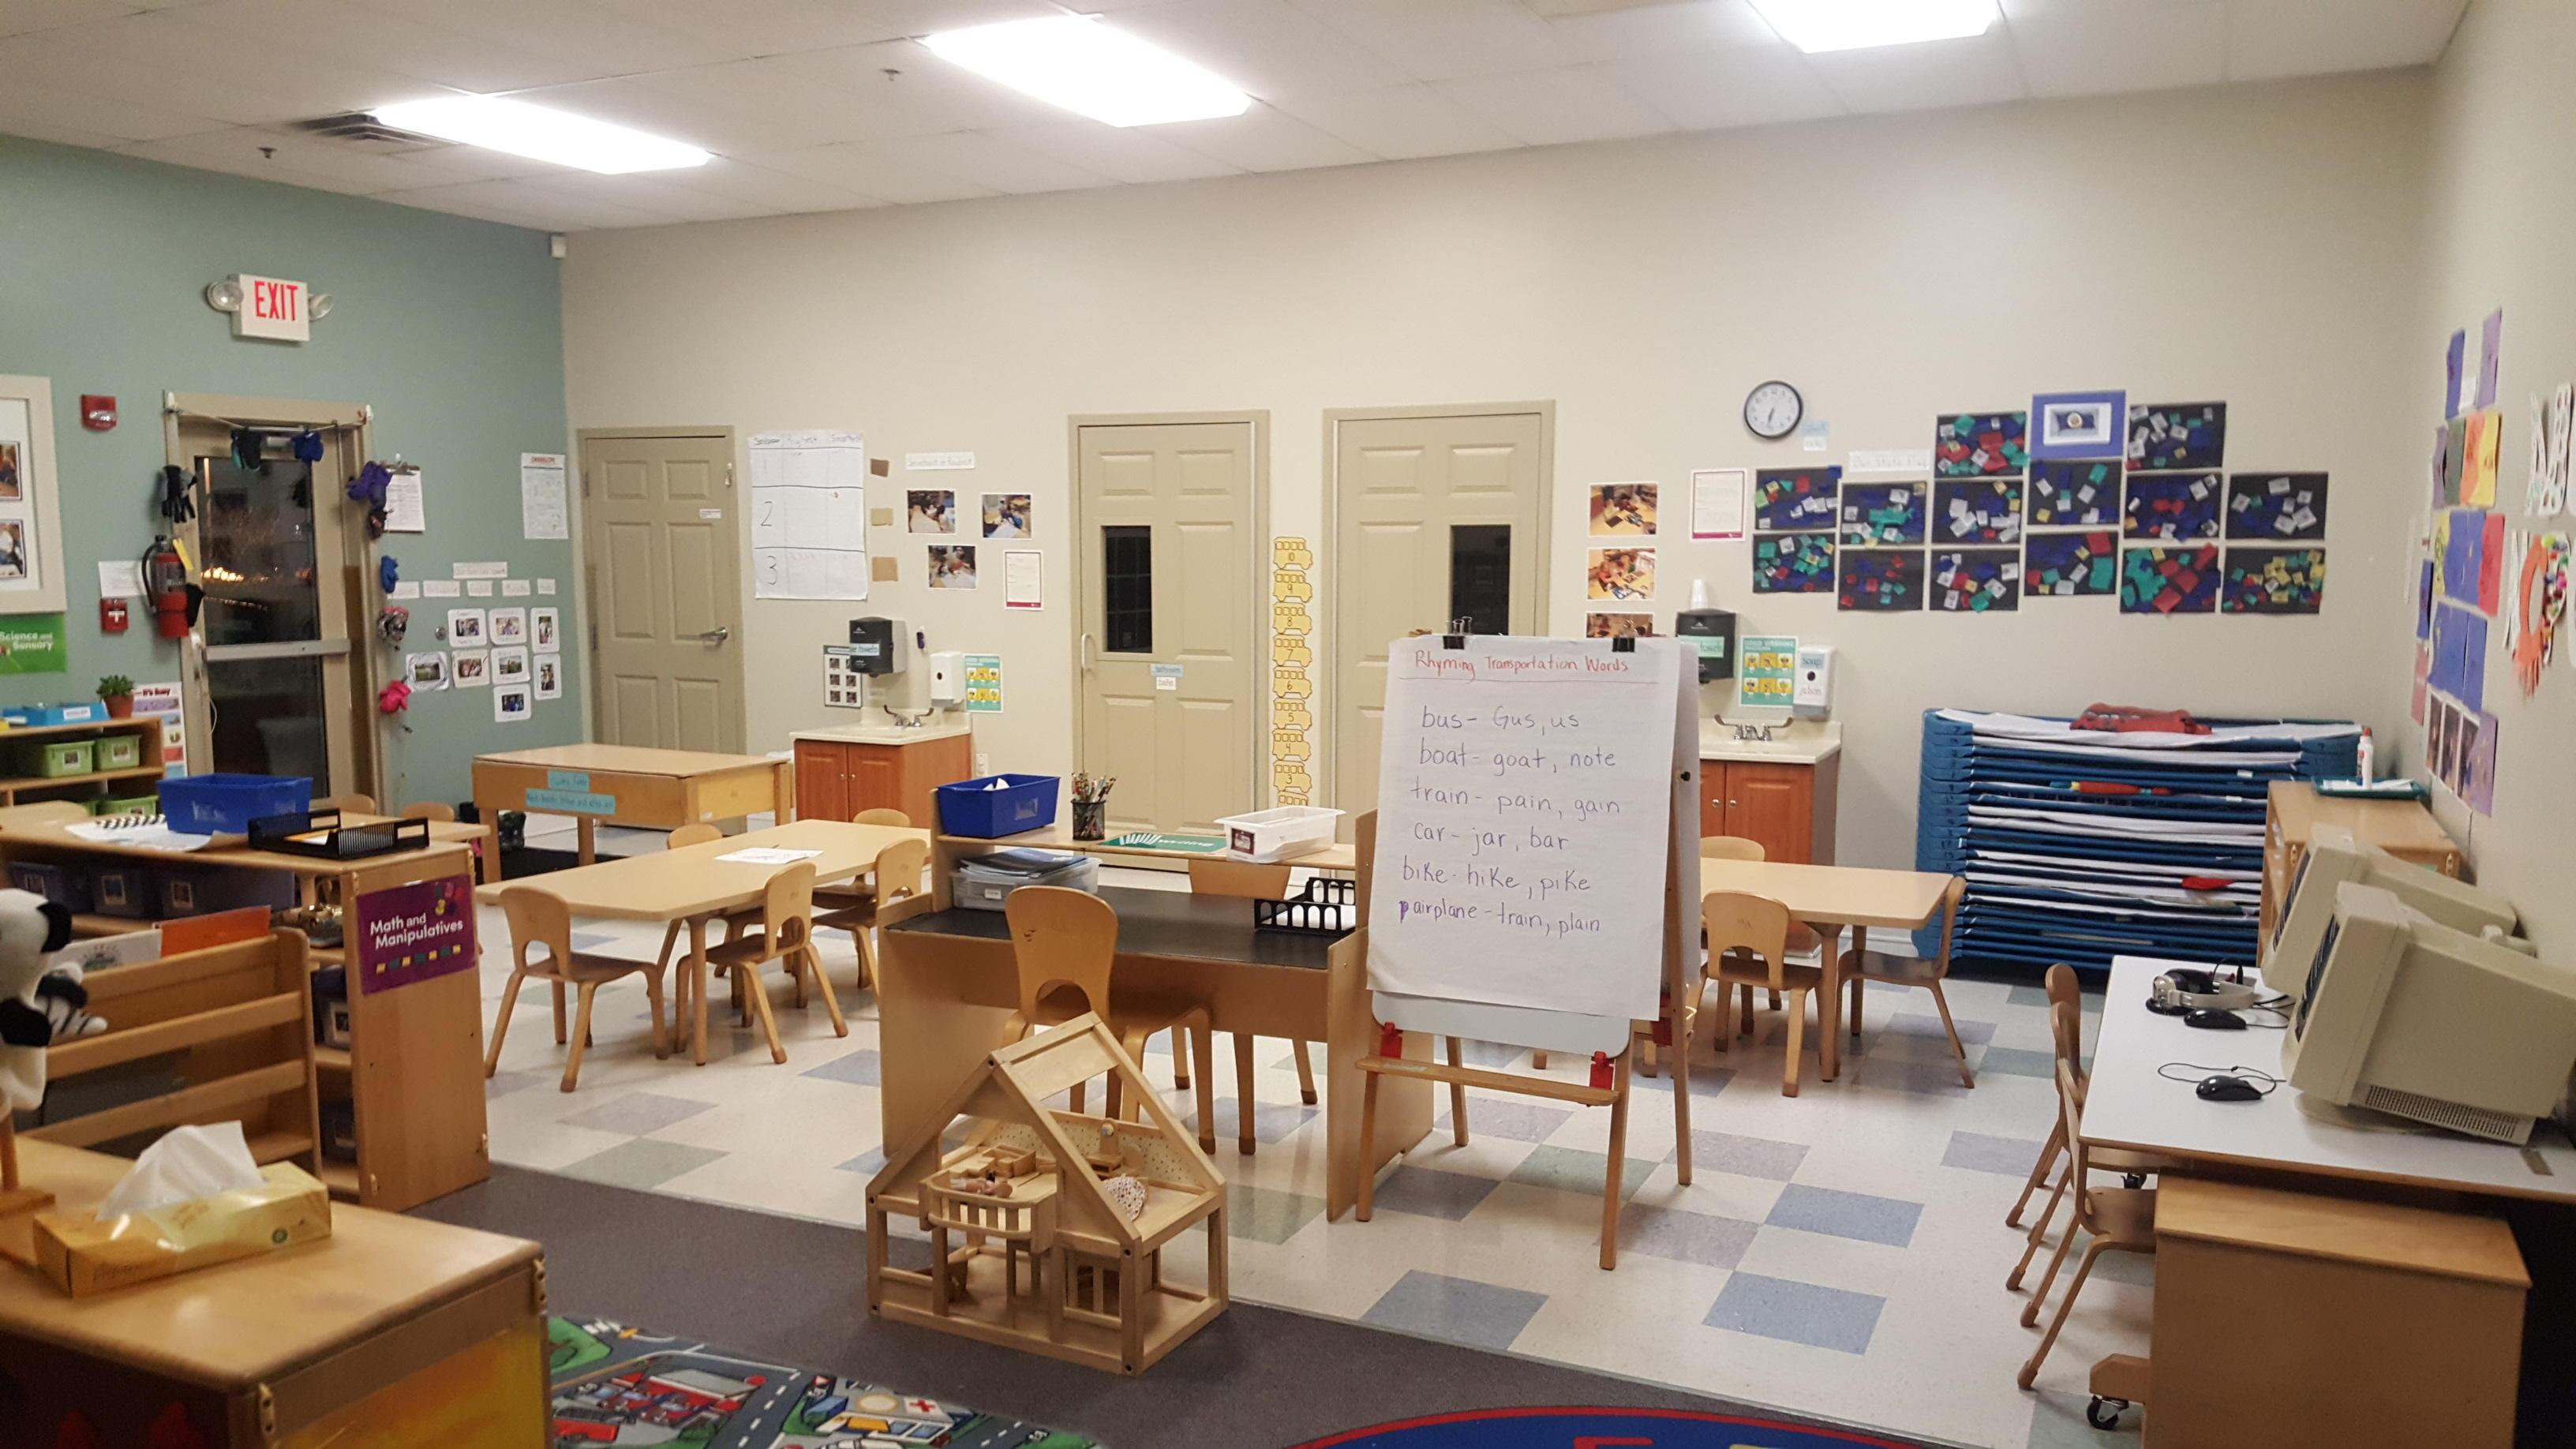 Woodbury Knowledge Beginnings image 11